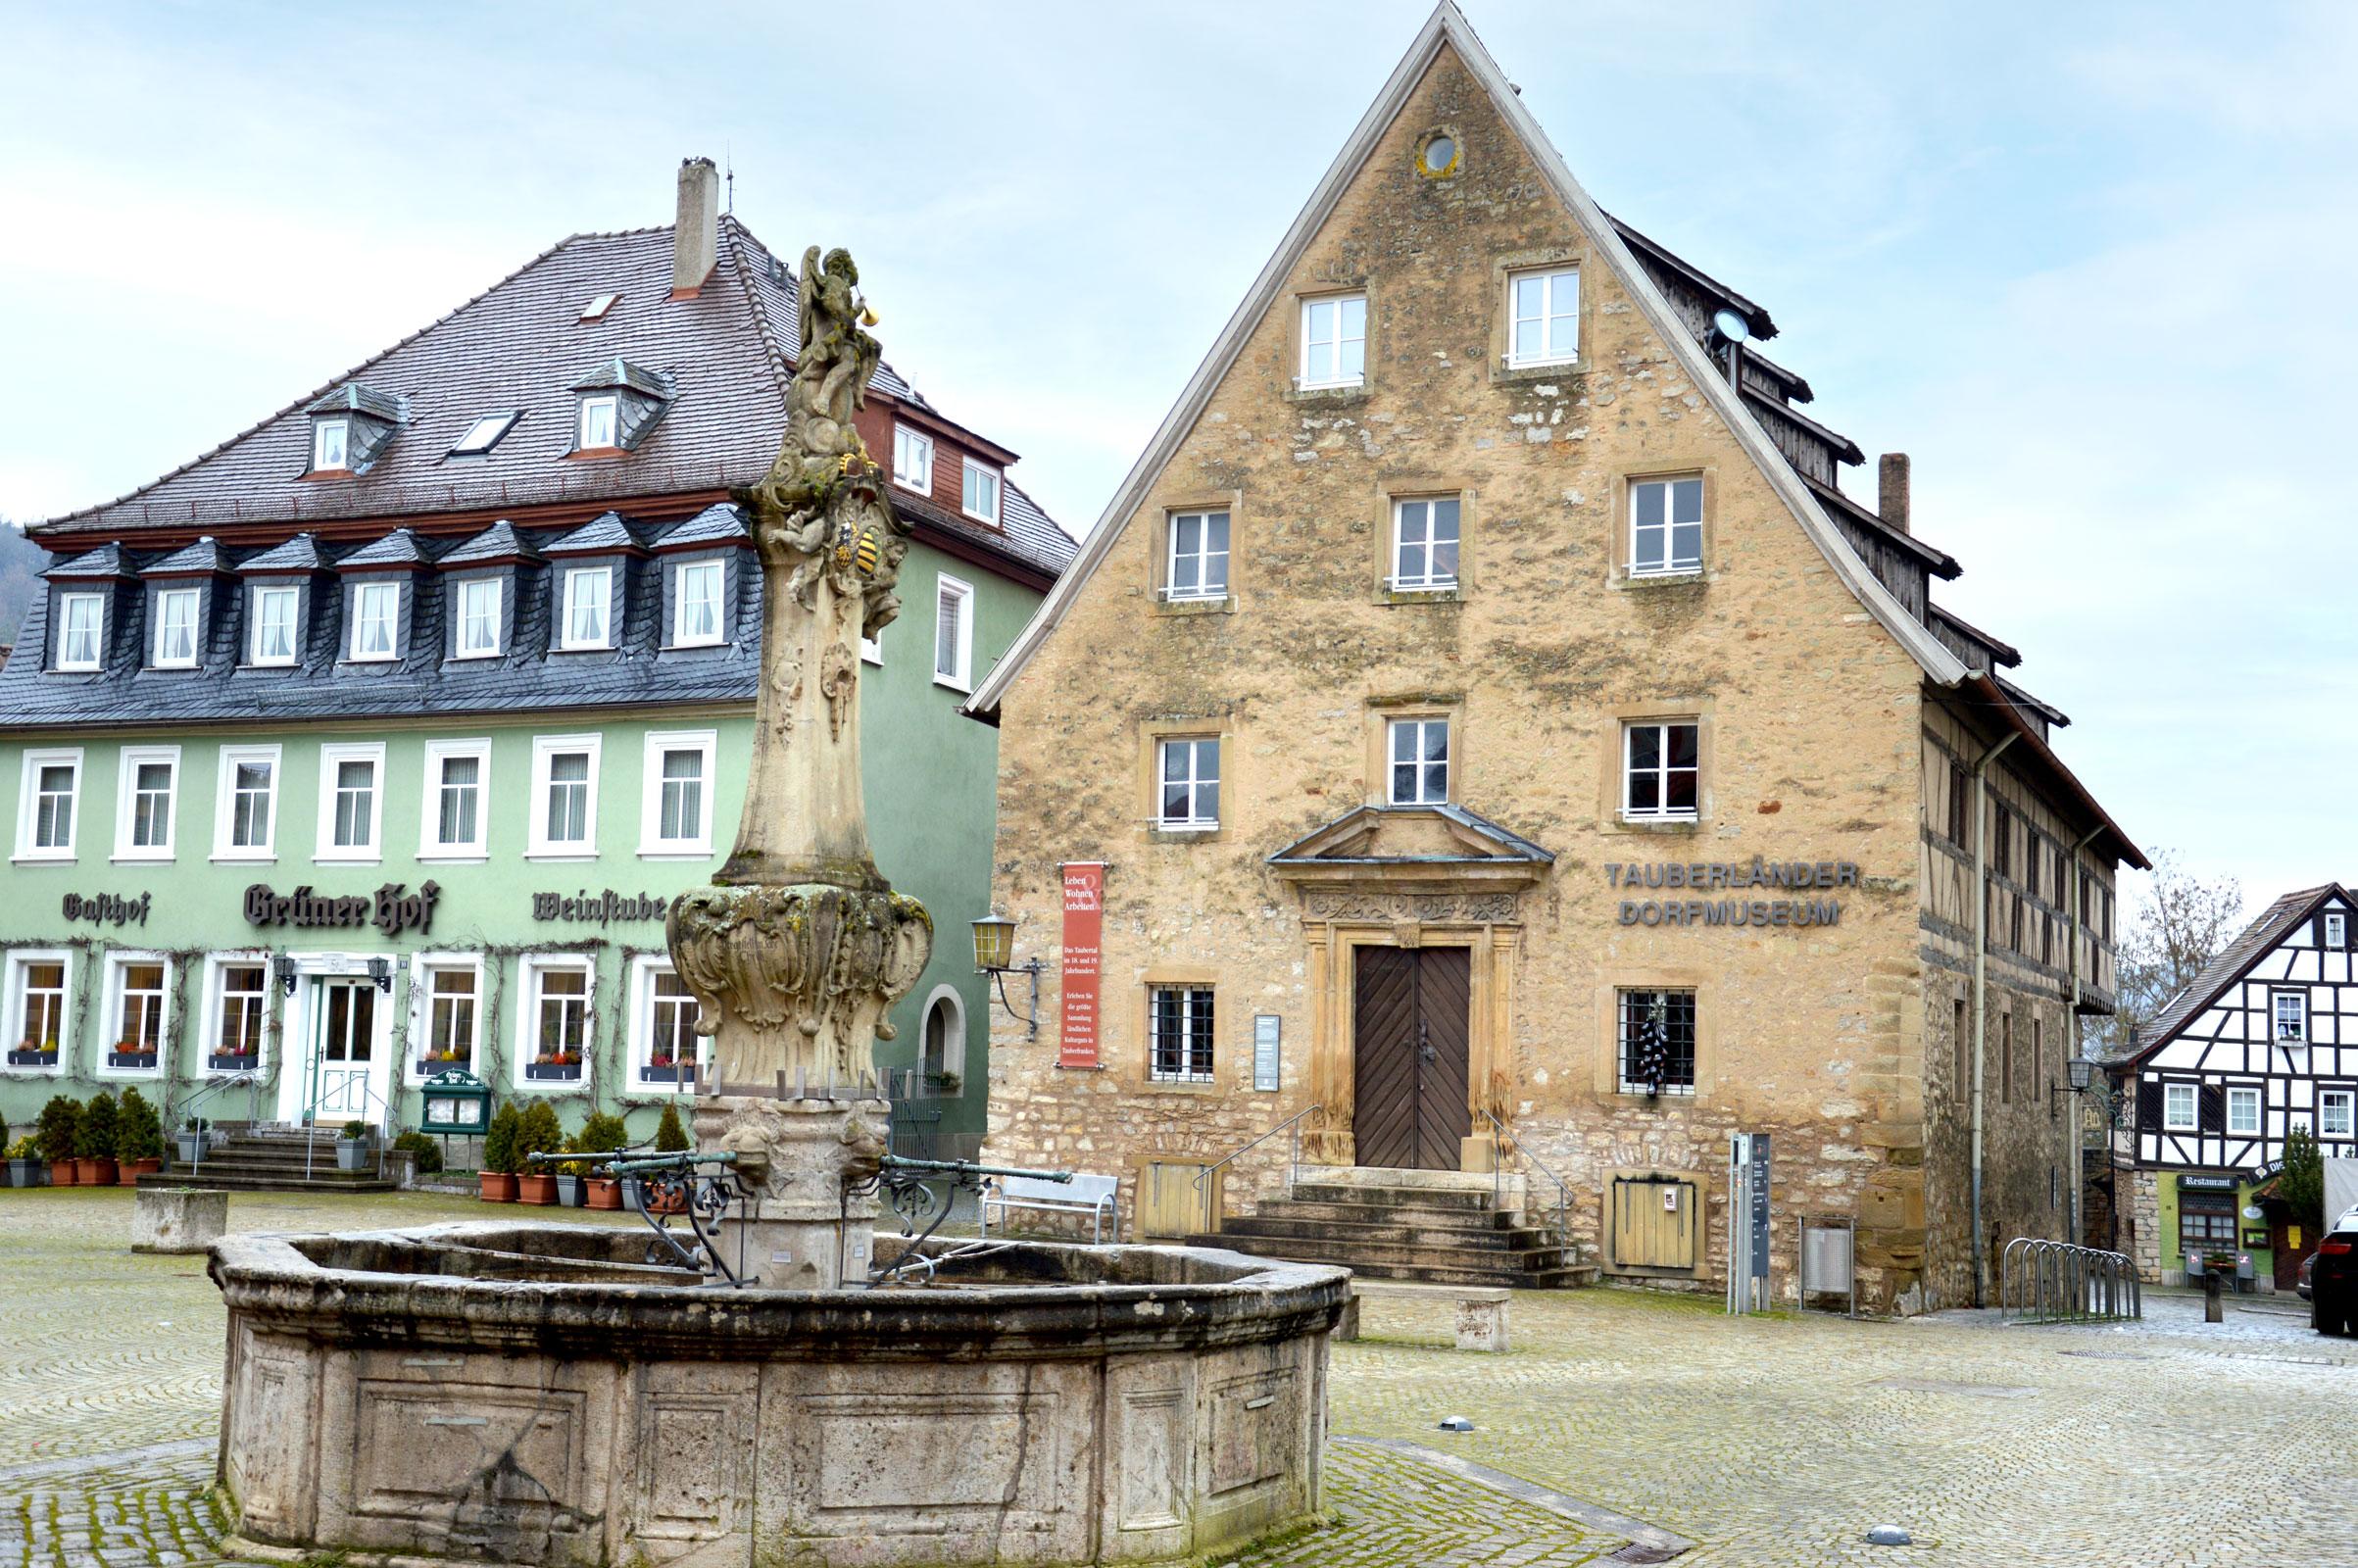 Das Dorfmuseum ist das Pendant zum Weikersheimer Barockschloss am Marktplatz. Fotos: ul